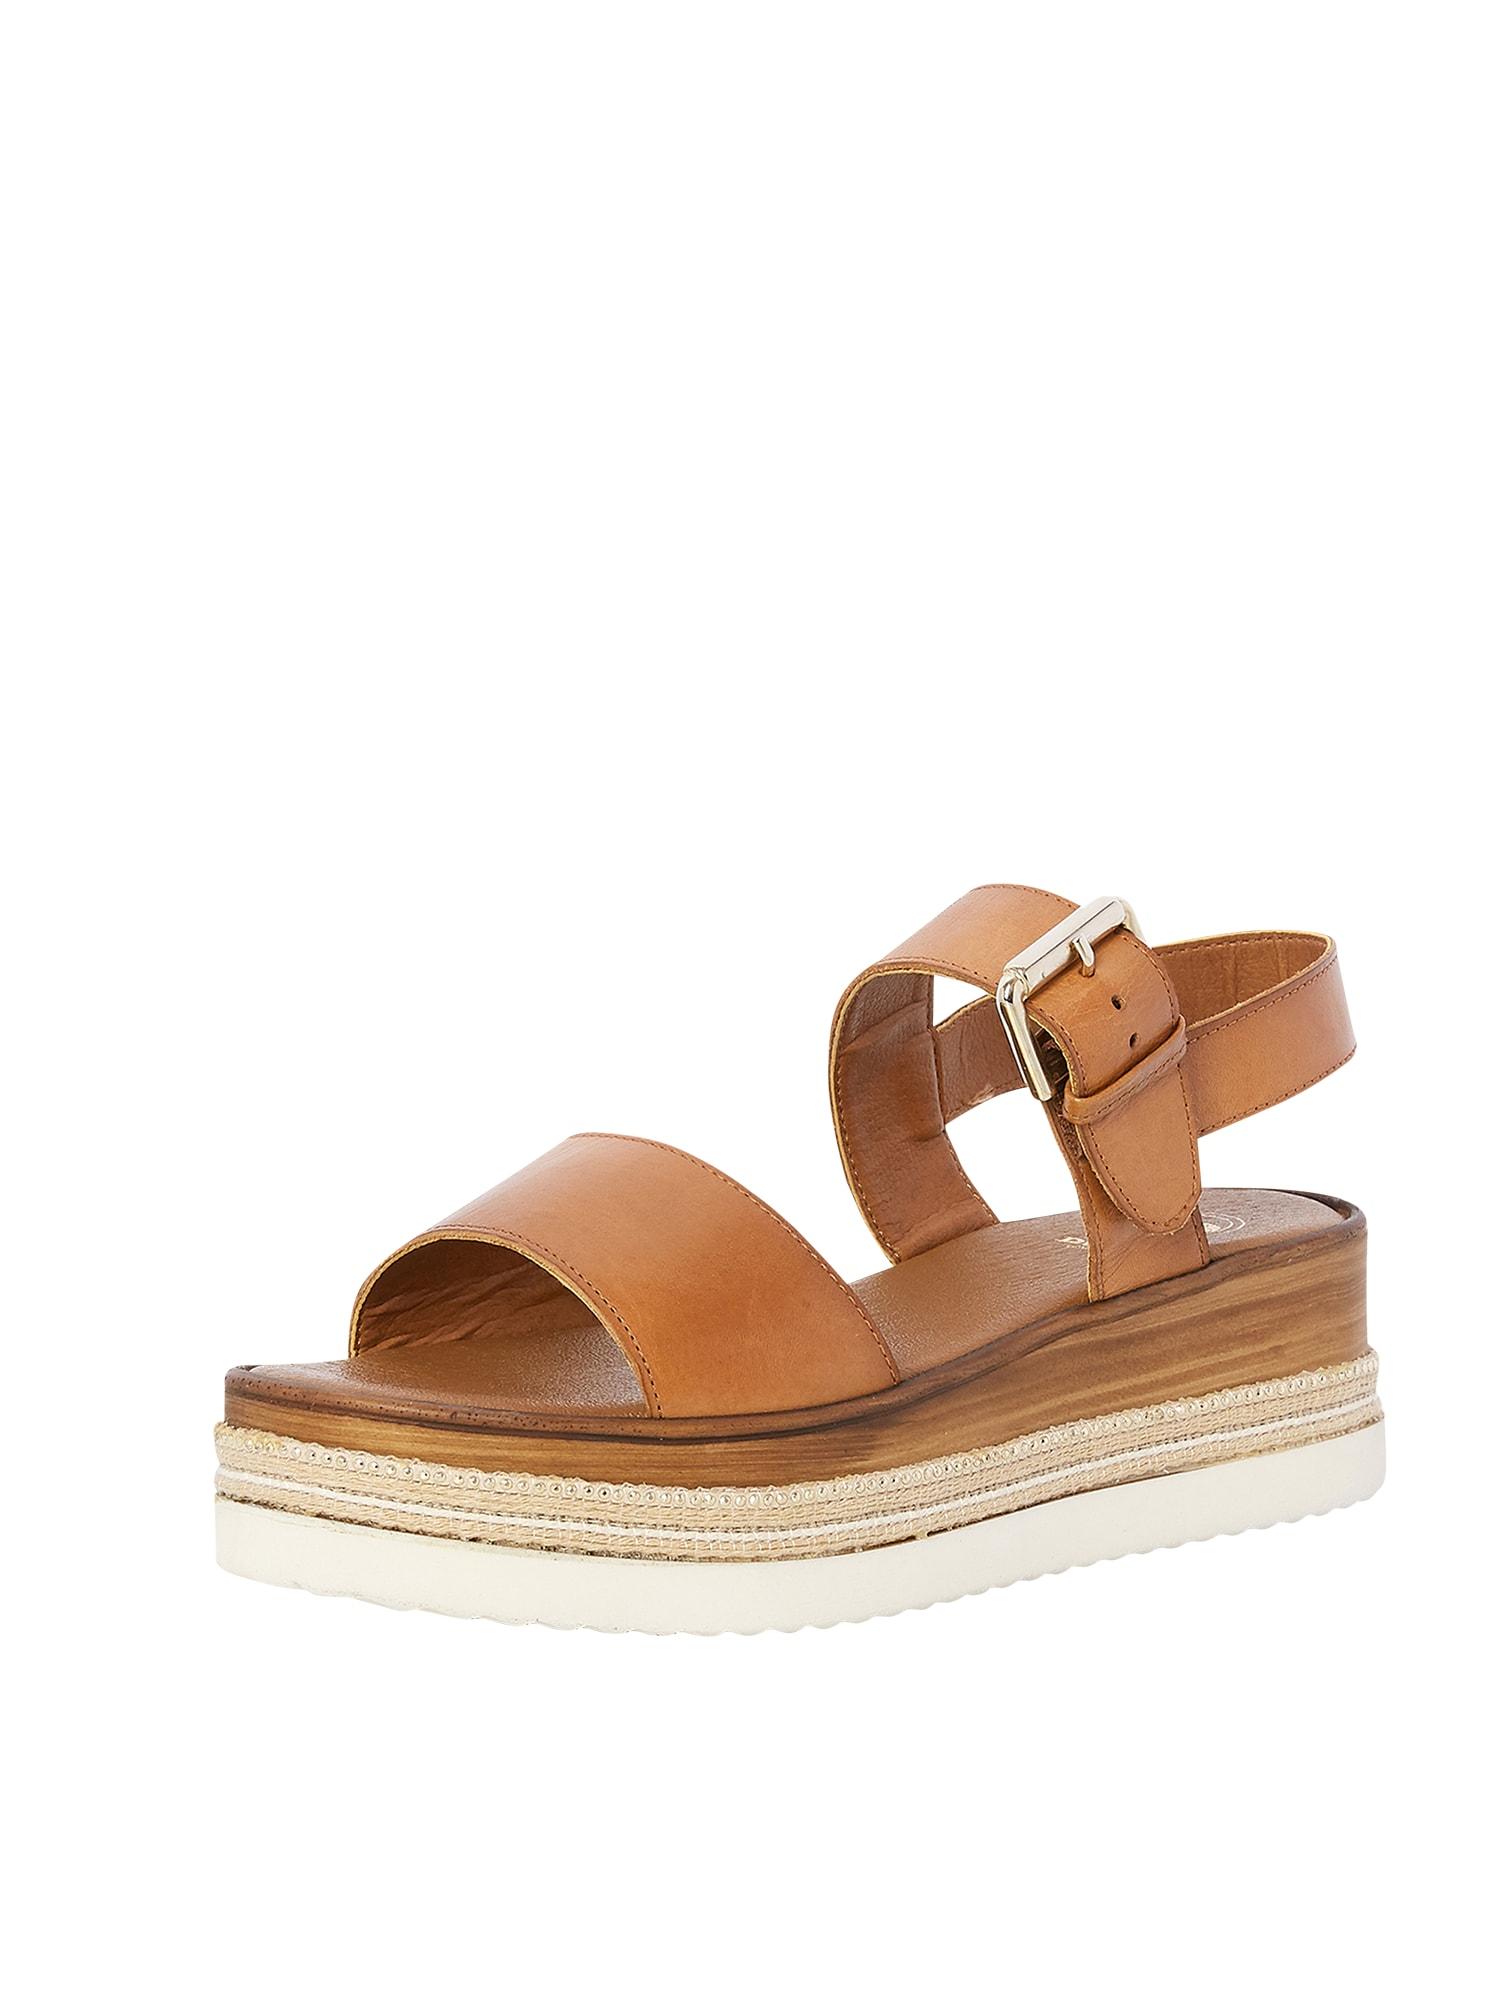 Páskové sandály KAZE koňaková Dune LONDON